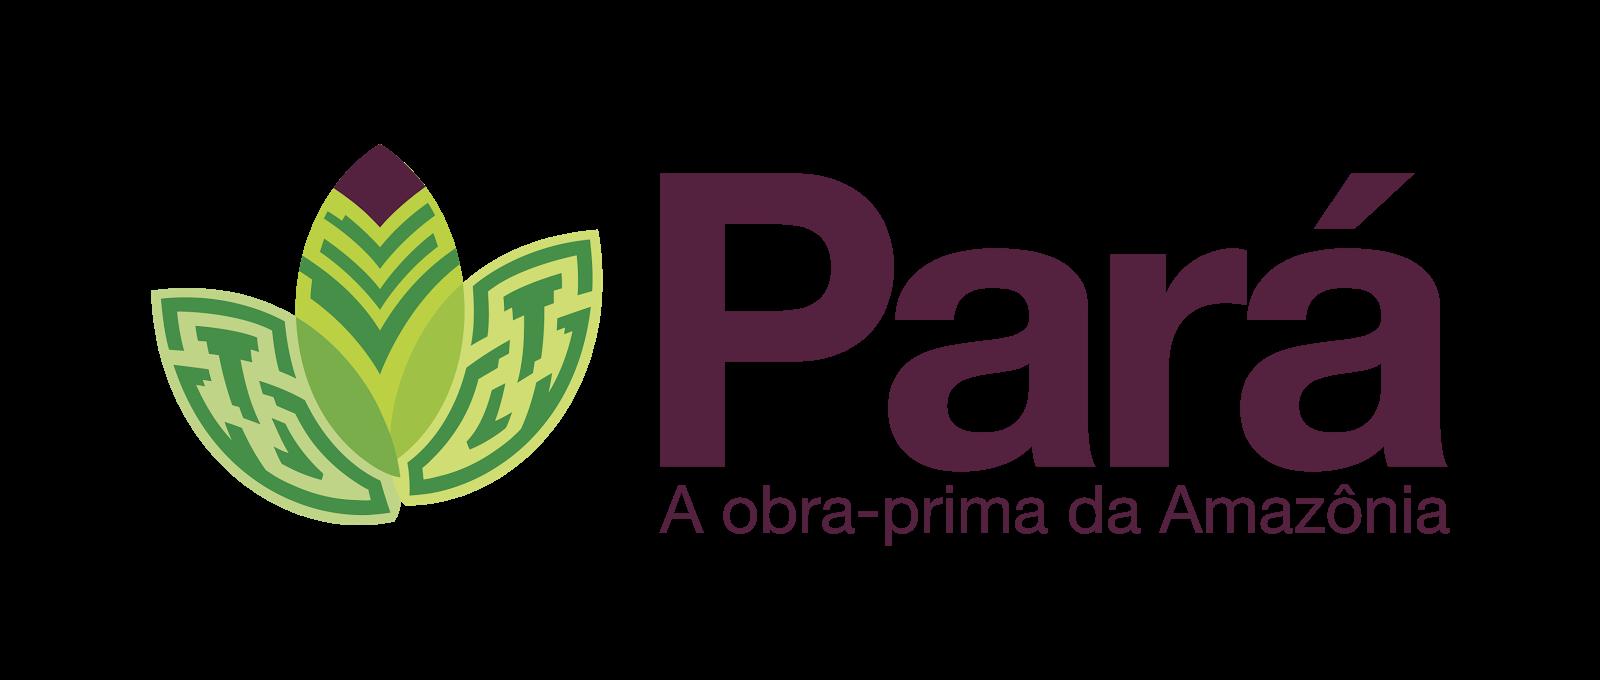 Conheça o Pará